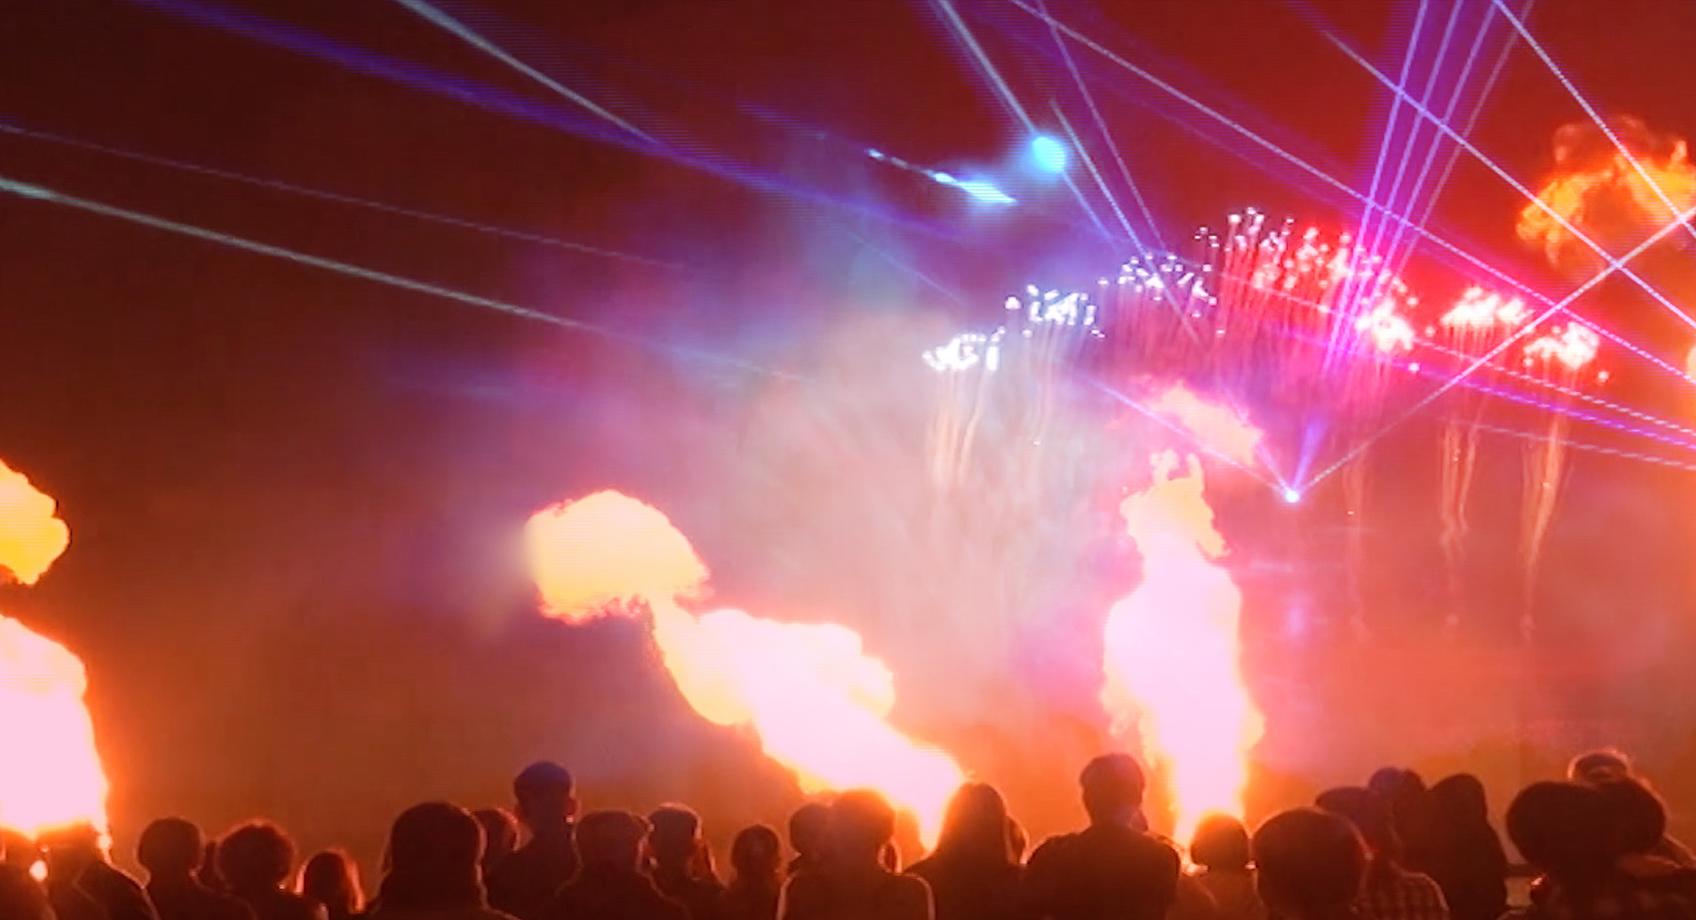 画像:紙吹雪の舞うコンサート会場